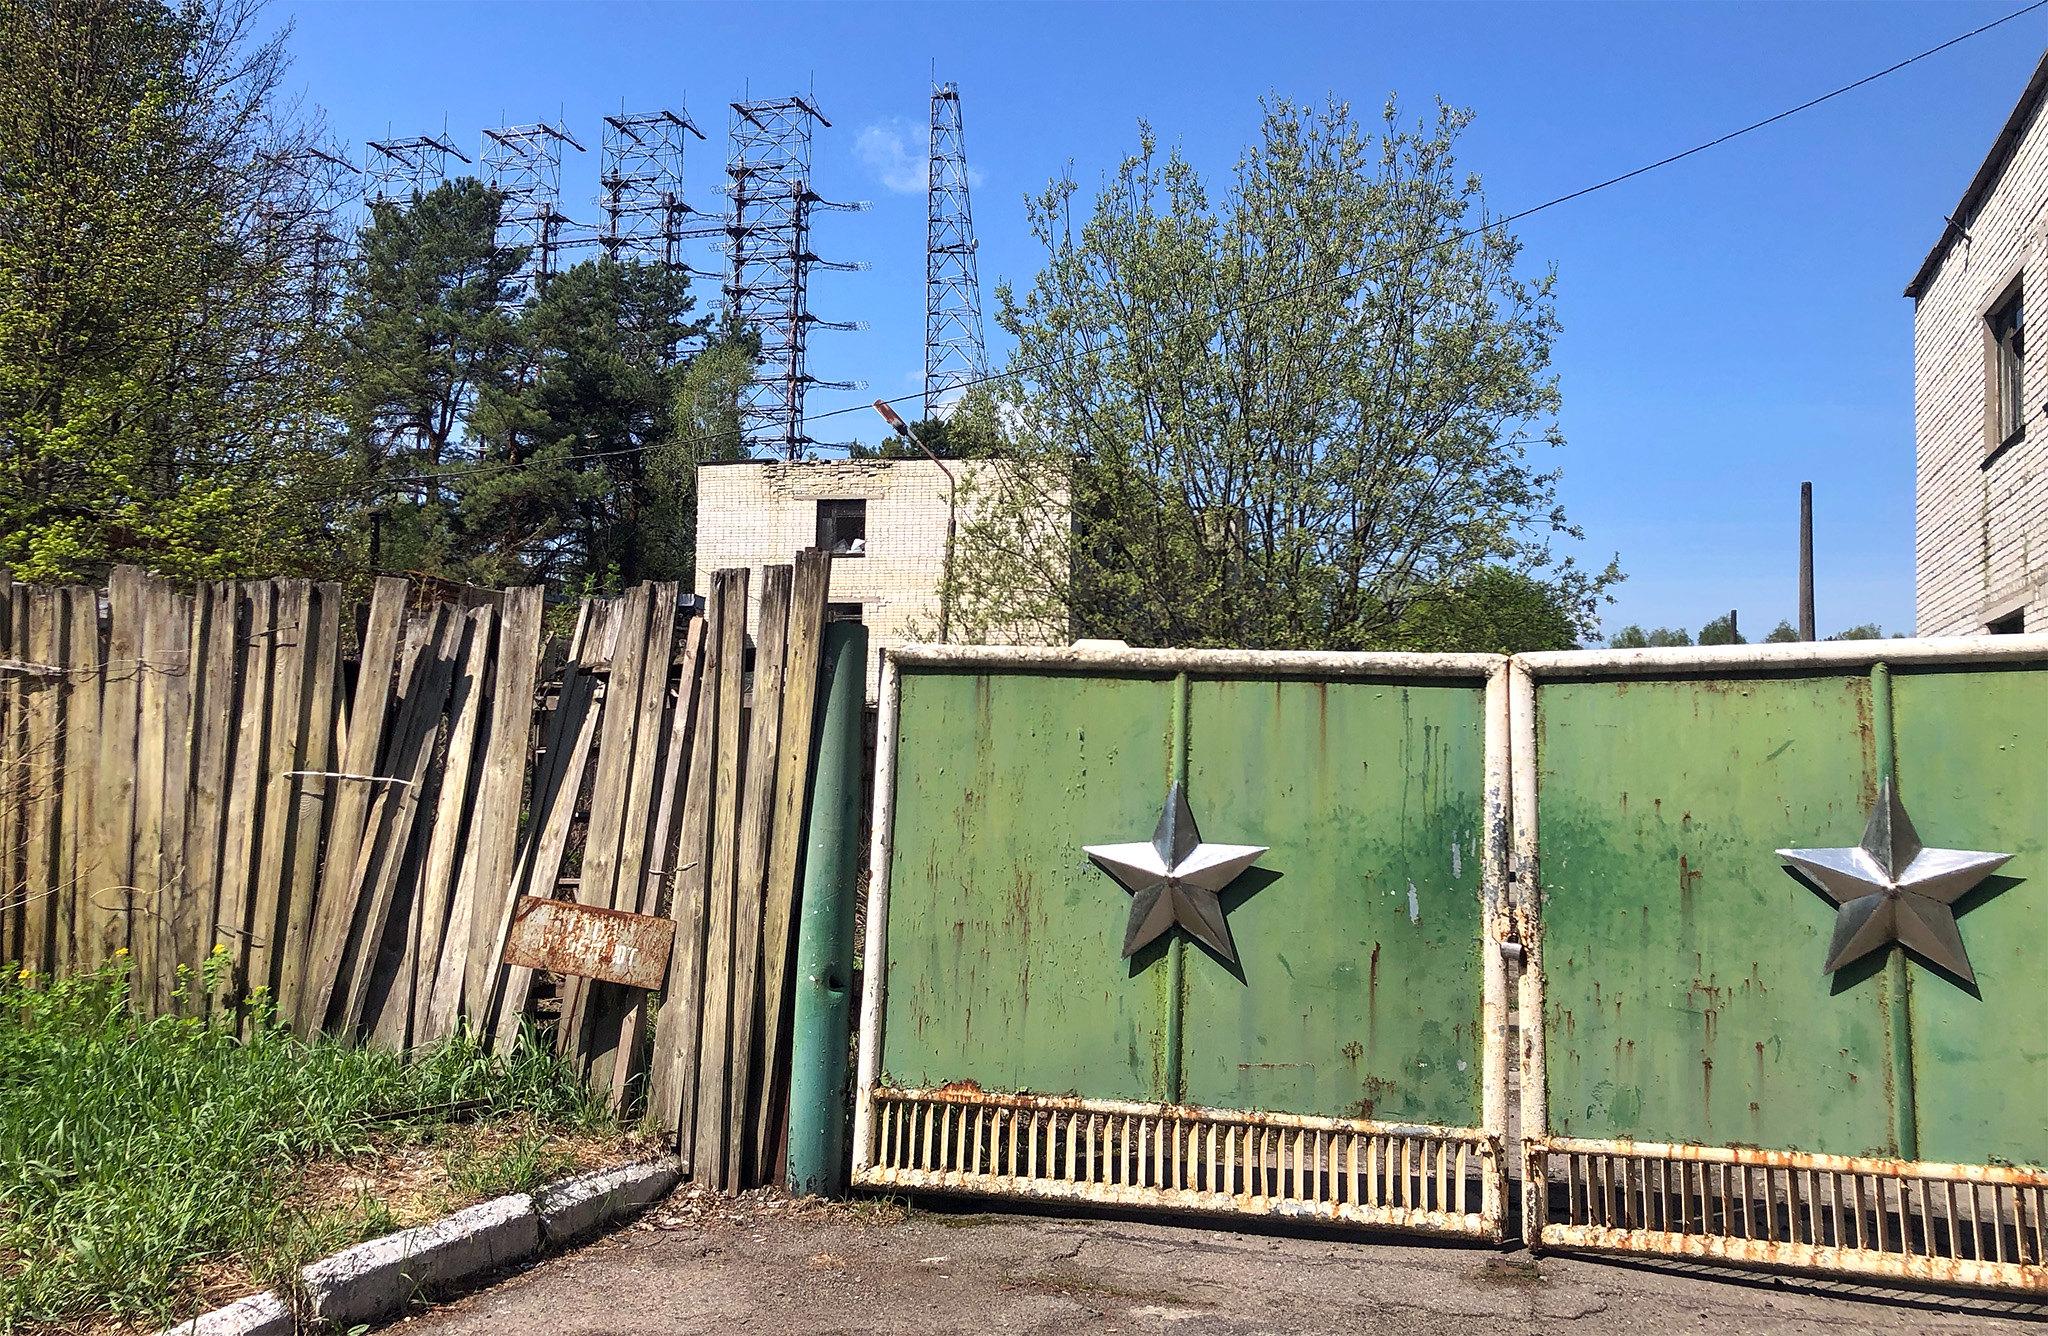 Visitar Chernóbil - Visitar Chernobyl Ucrania Ukraine Pripyat visitar chernóbil - 32891480357 411f0be8f9 k - Visitar Chernóbil: el lugar más contaminado del planeta